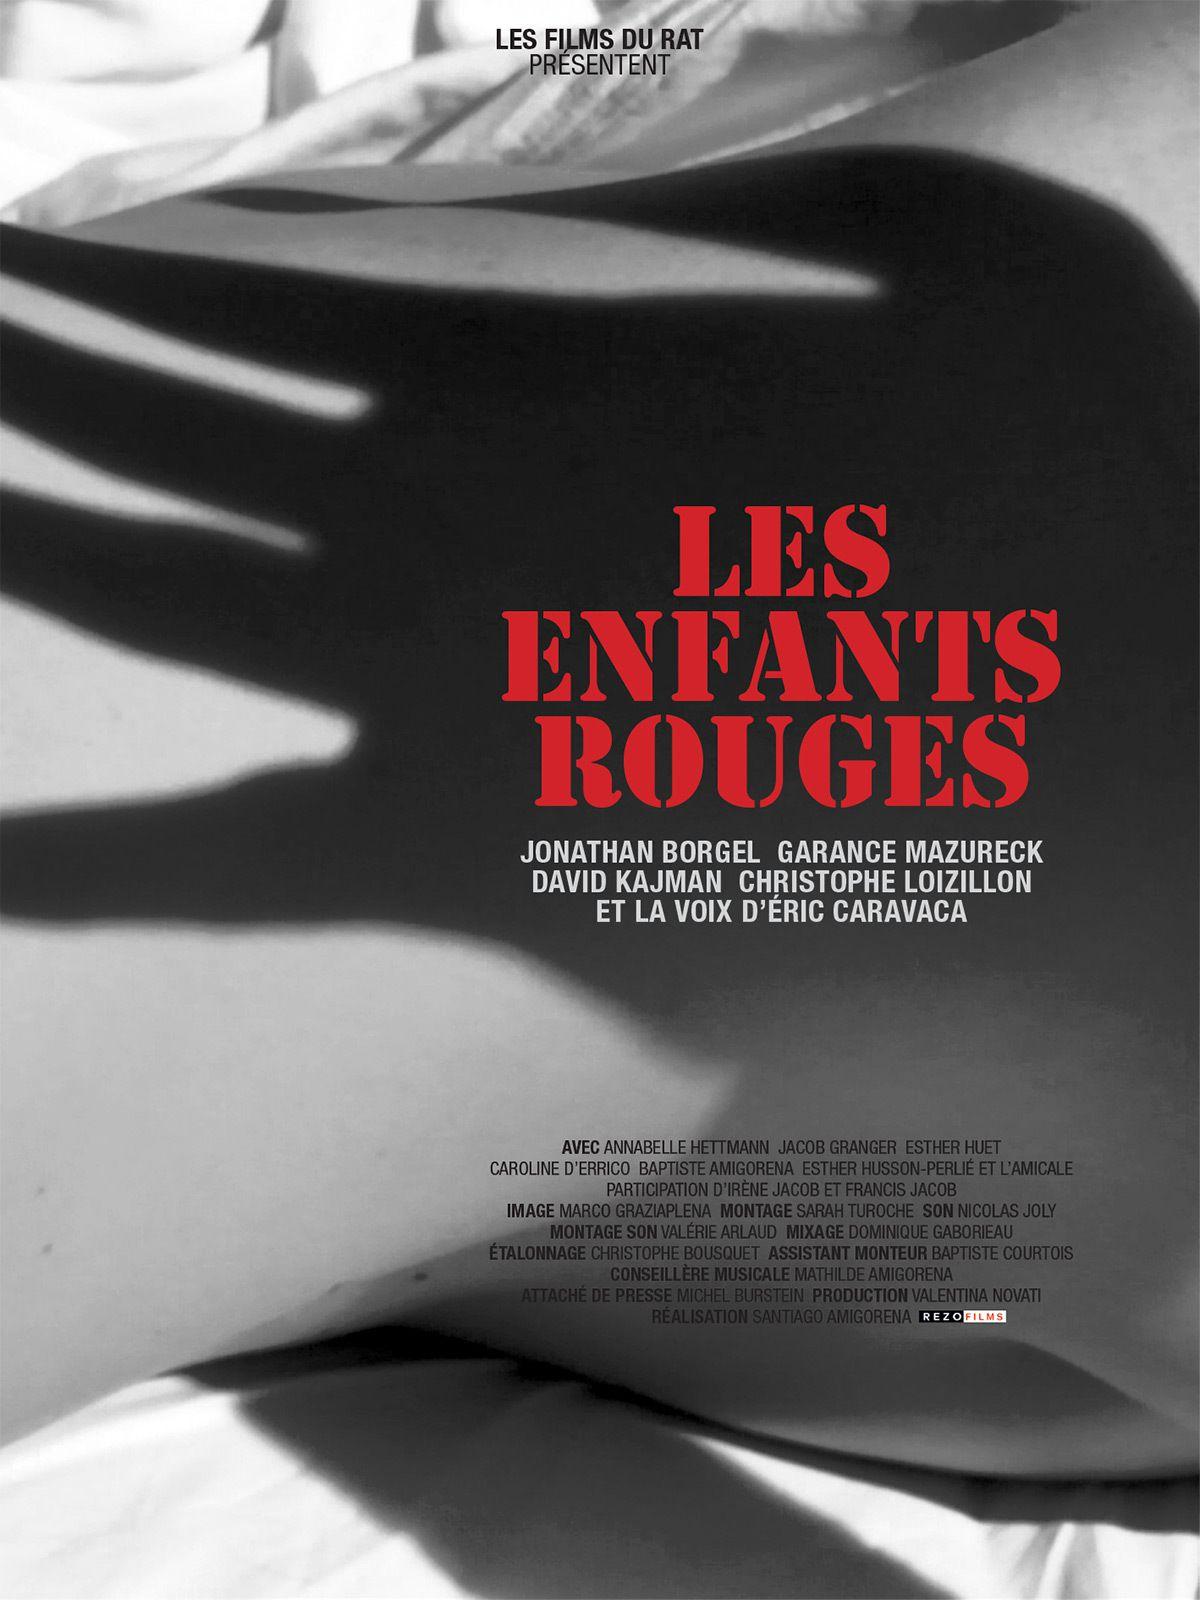 Les Enfants rouges - Film (2014)